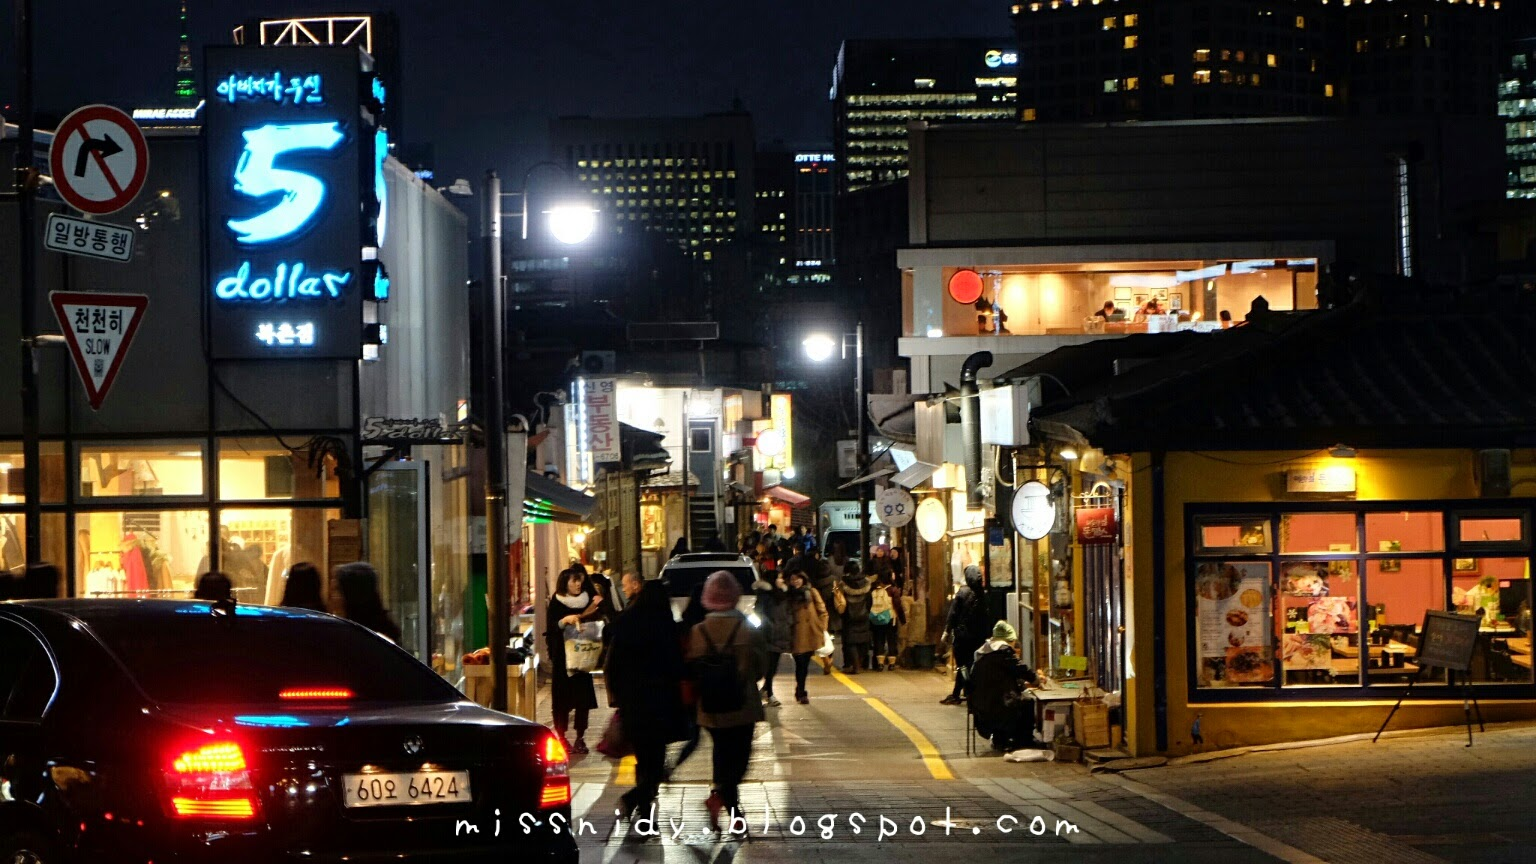 tempat gaul di seoul samcheong-dong